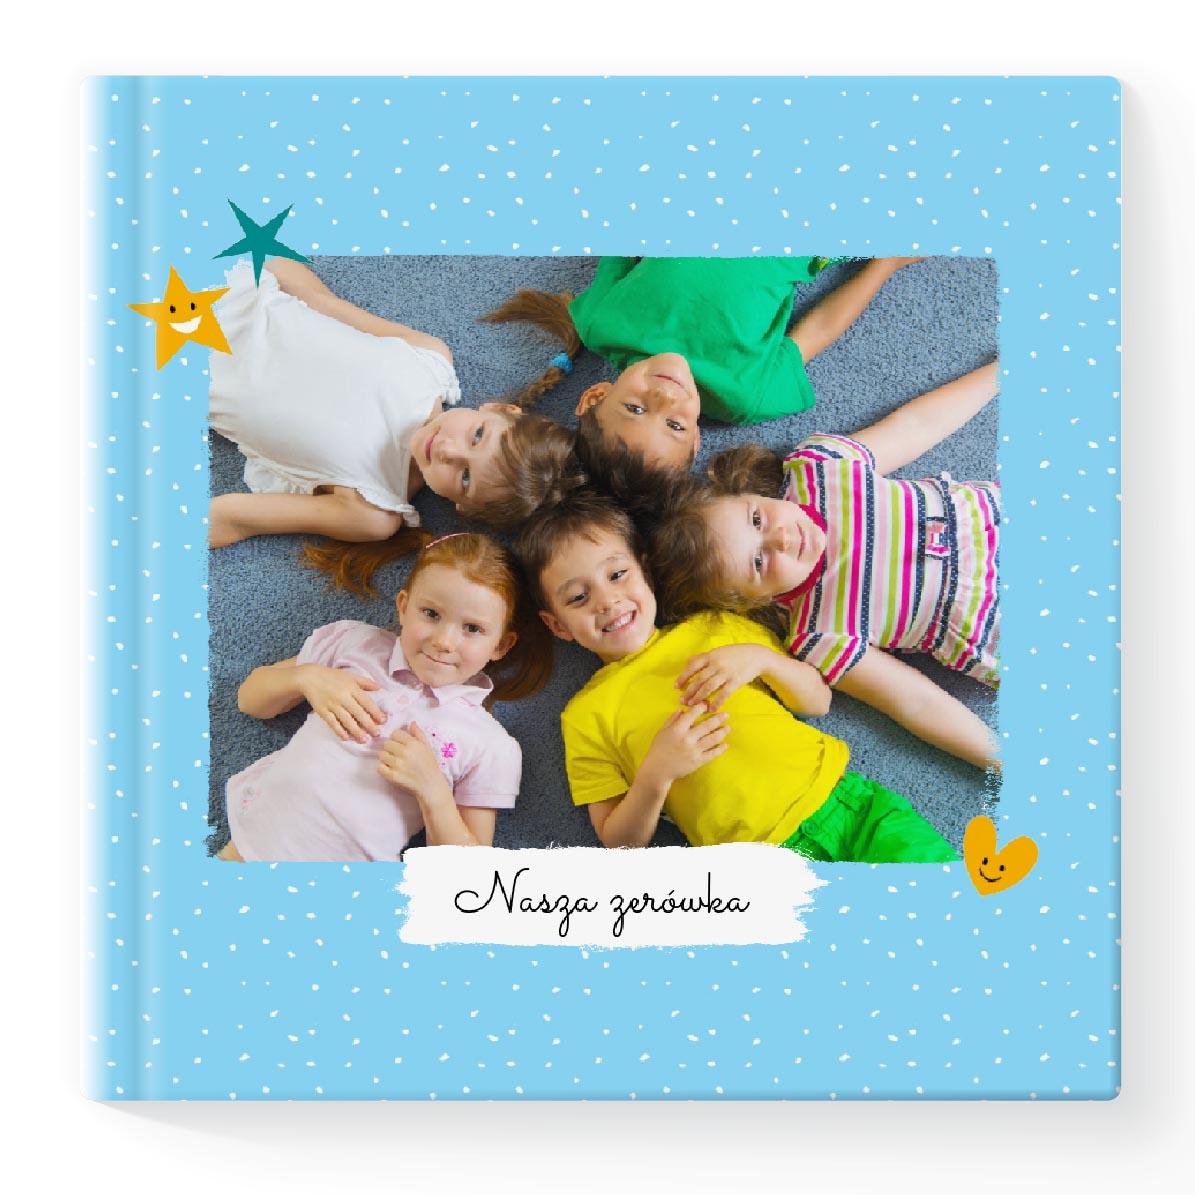 Fotoksiążka Fotoalbum Kolorowa Pamiatka 086 kwadrat 30x30